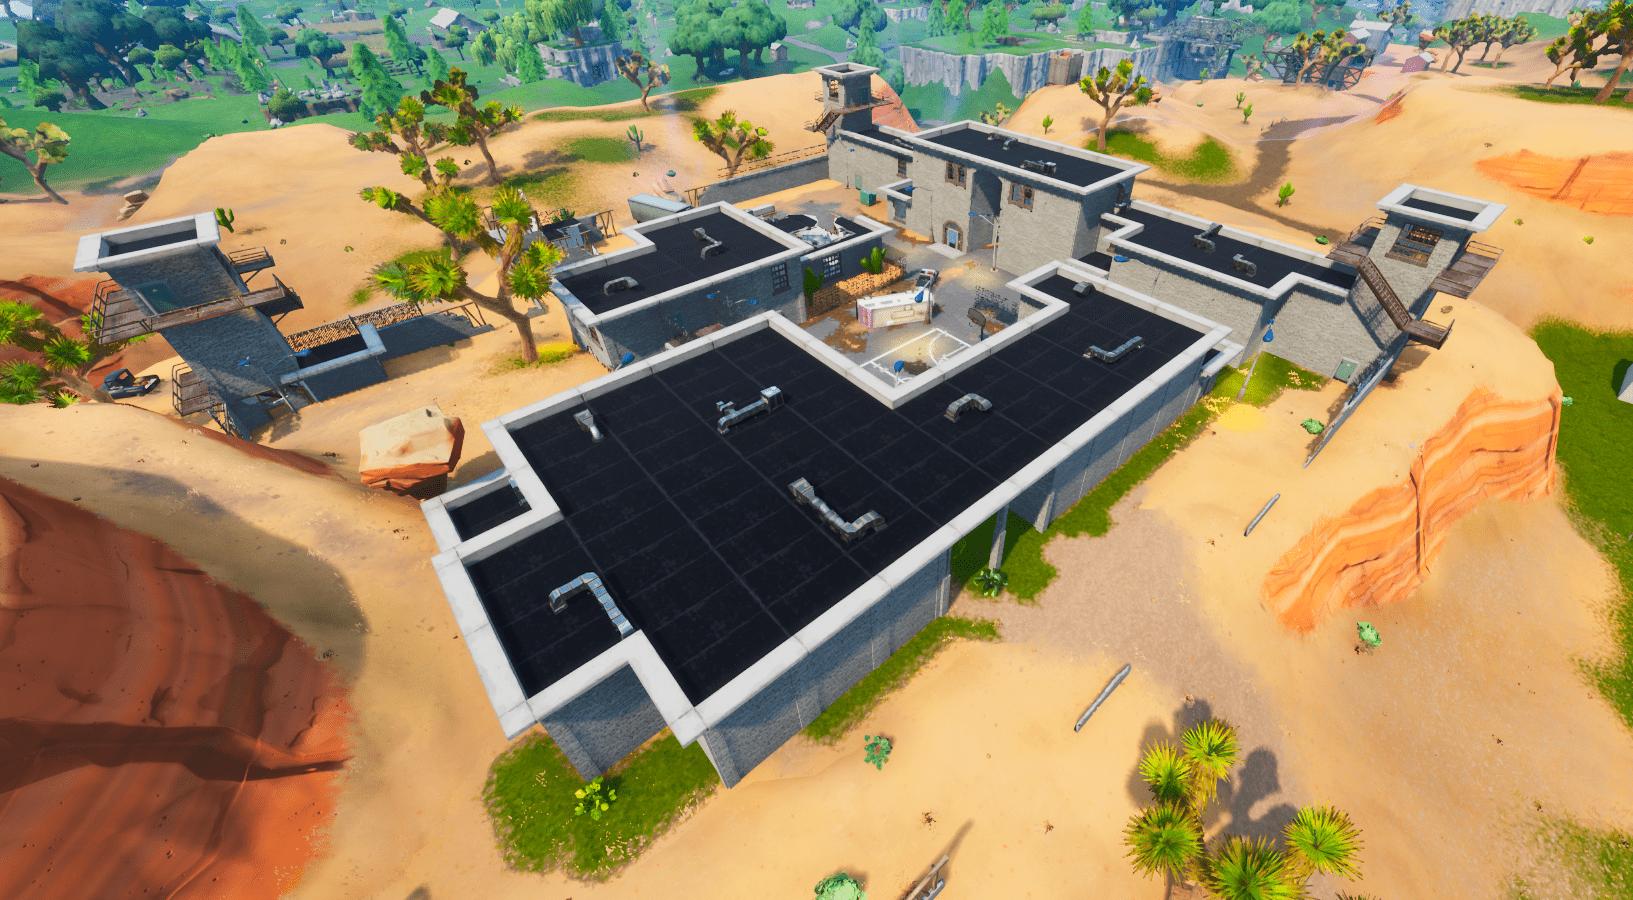 Fortnite v10.30 Map Changes - The Prison